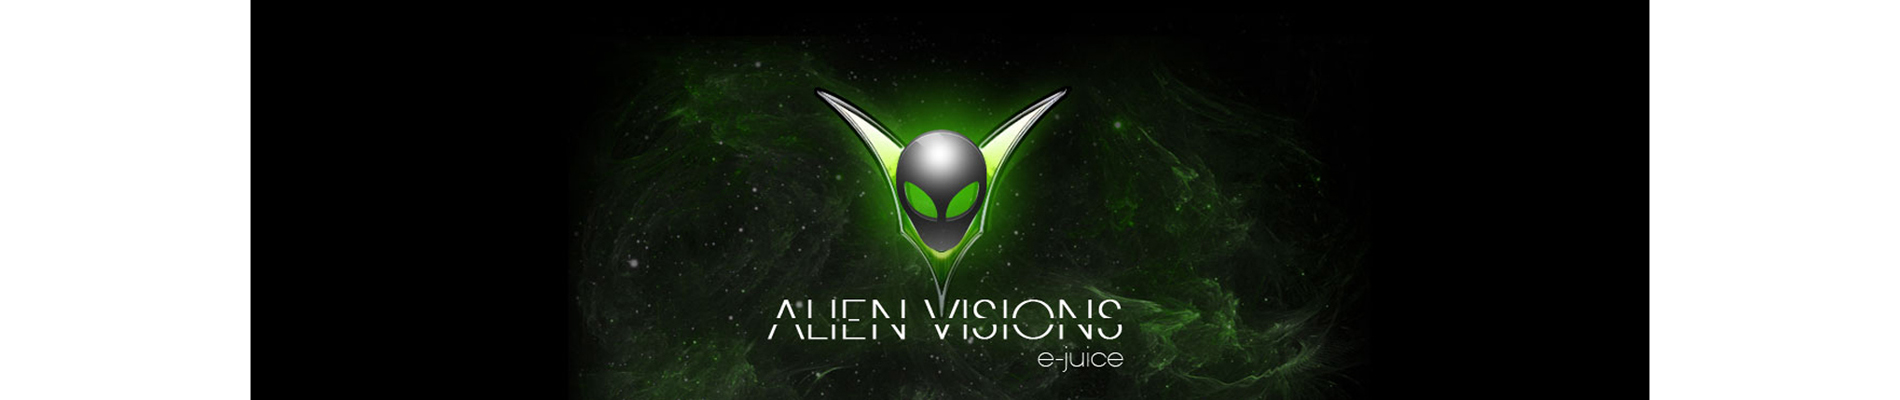 Alien Vision E-juice